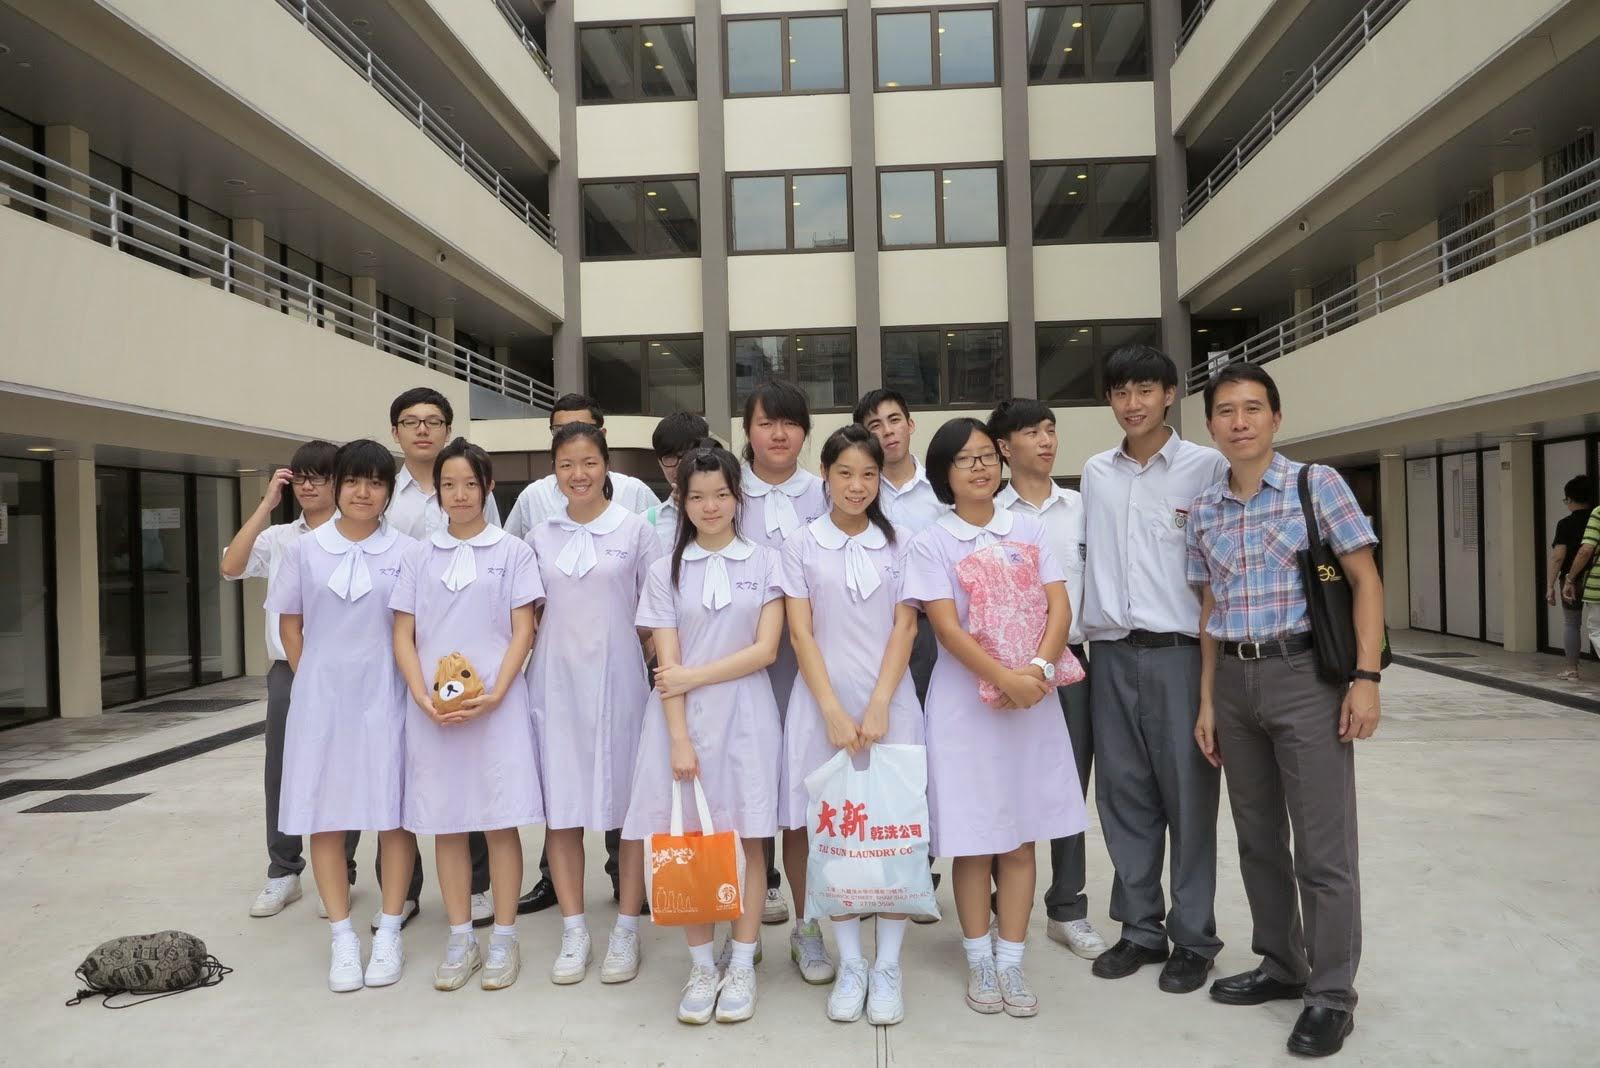 九龍工業學校